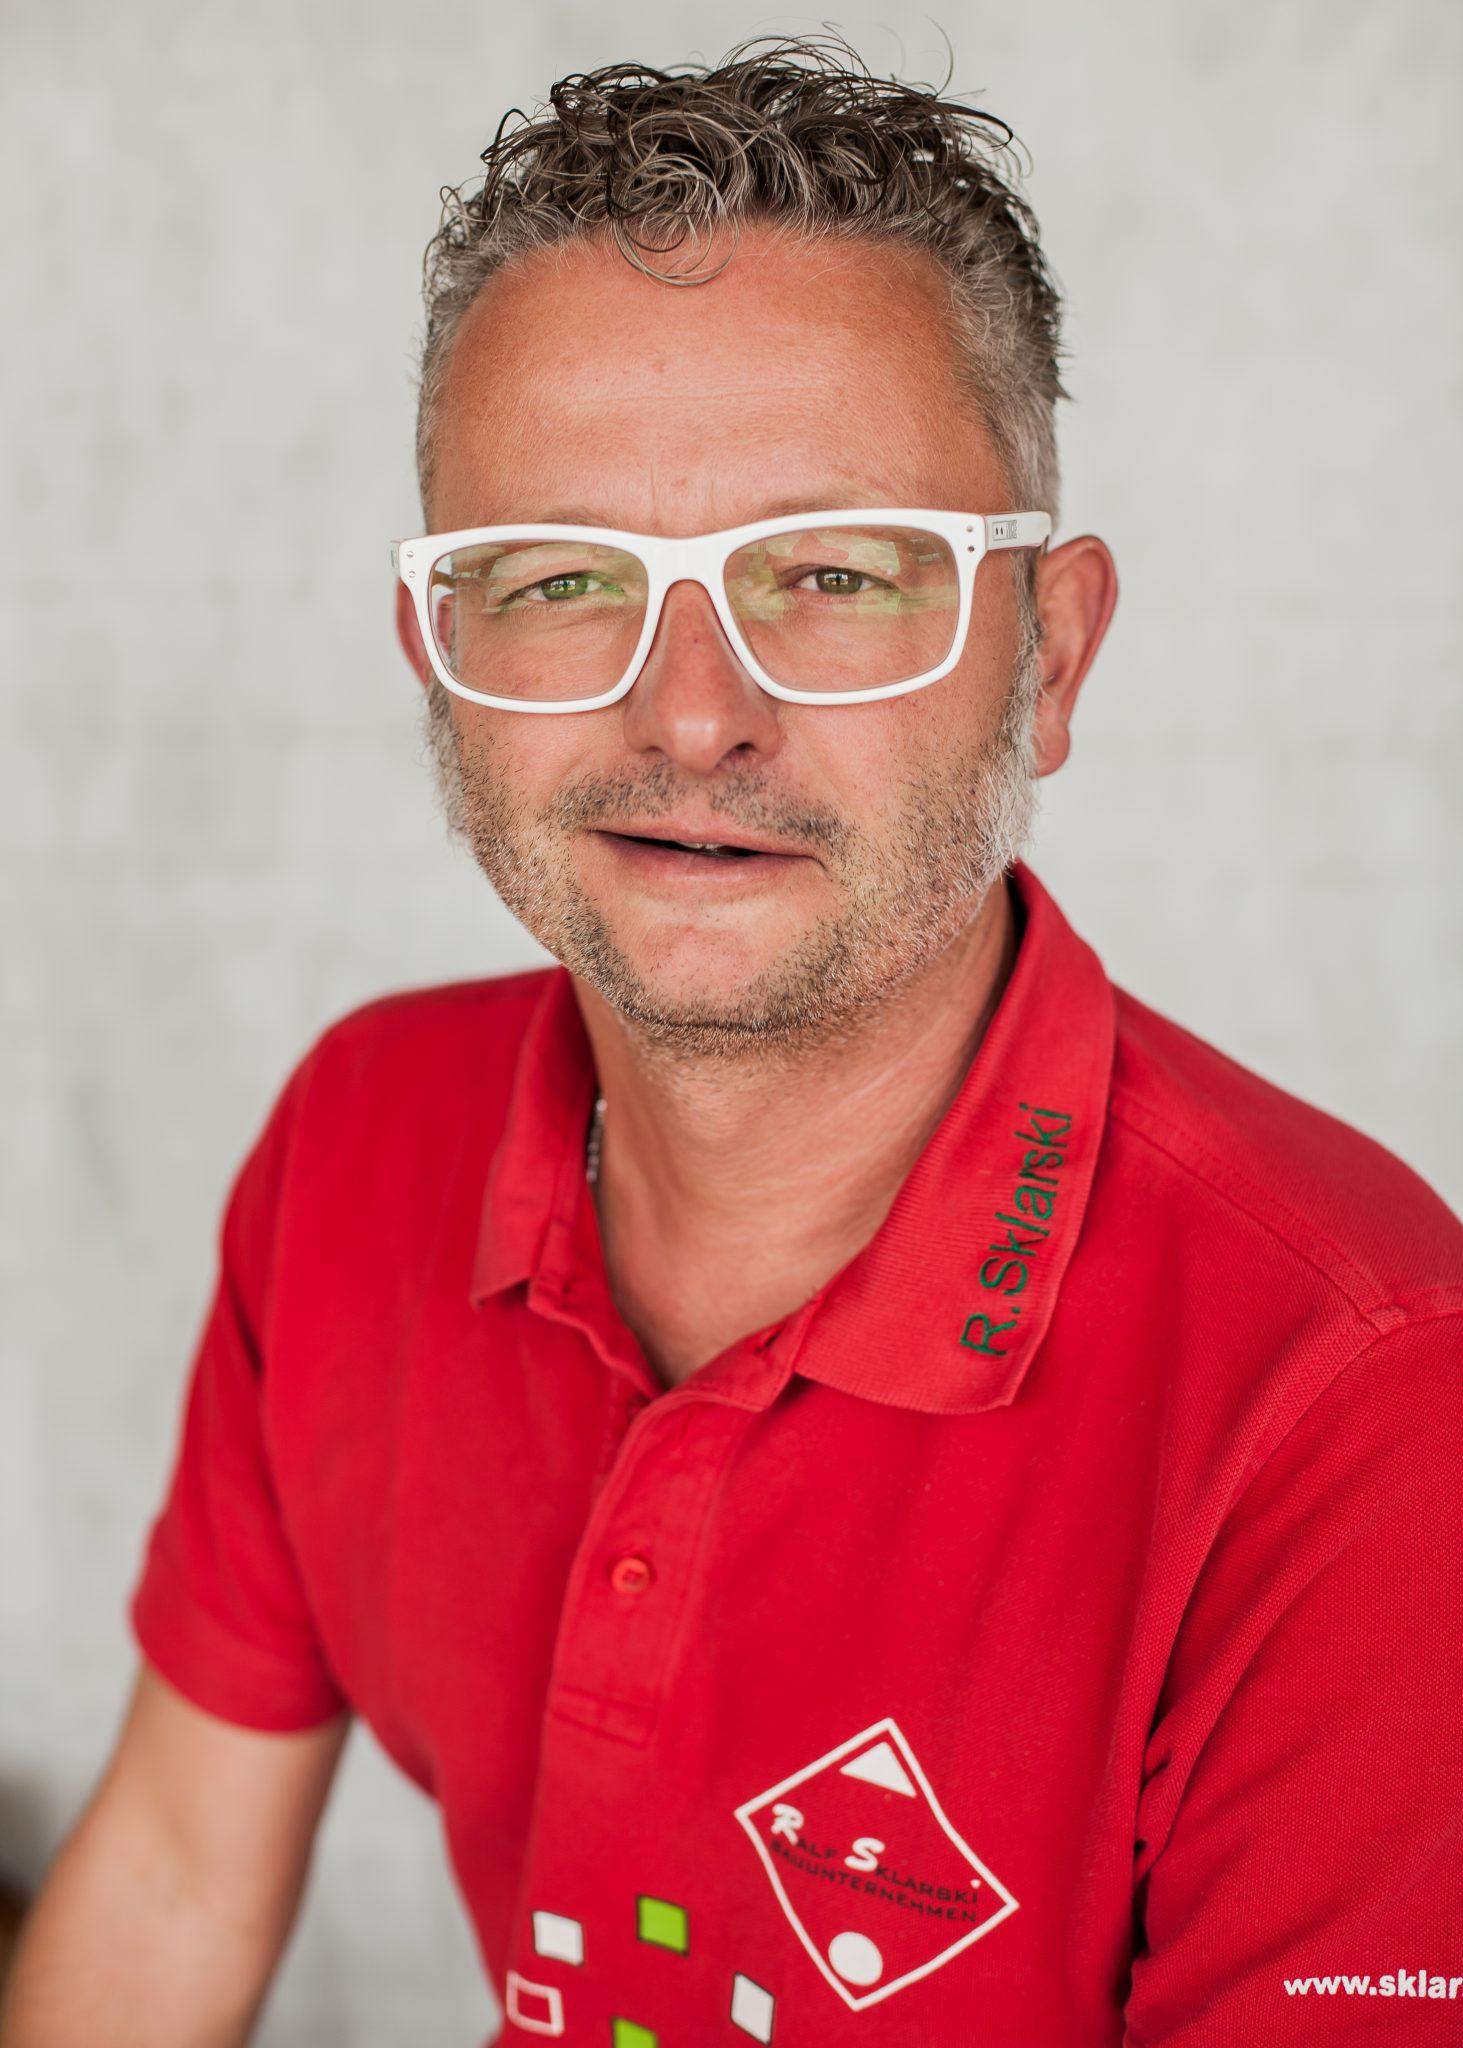 Ralf Sklarski